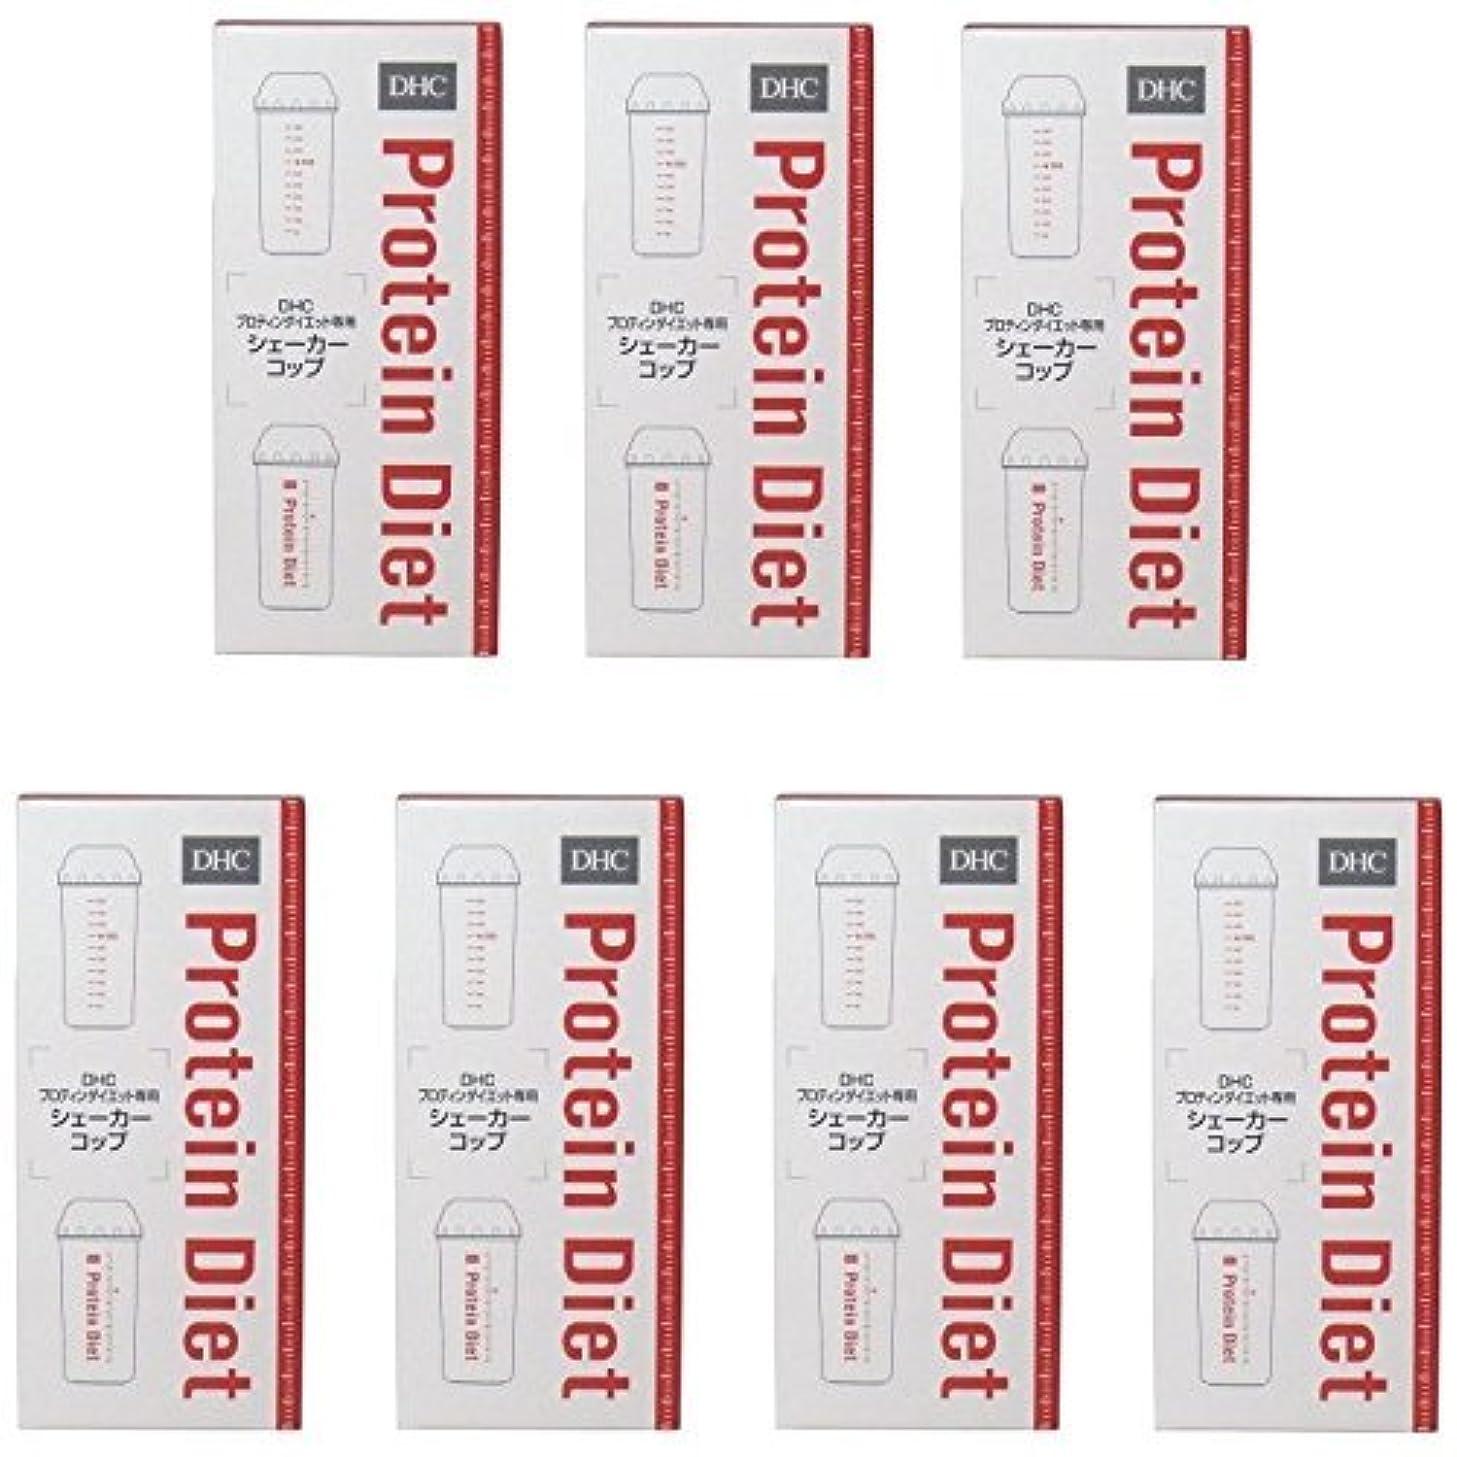 可能シアー純粋に【まとめ買い】DHC プロティンダイエット専用シェーカーコップ 1個【×7セット】